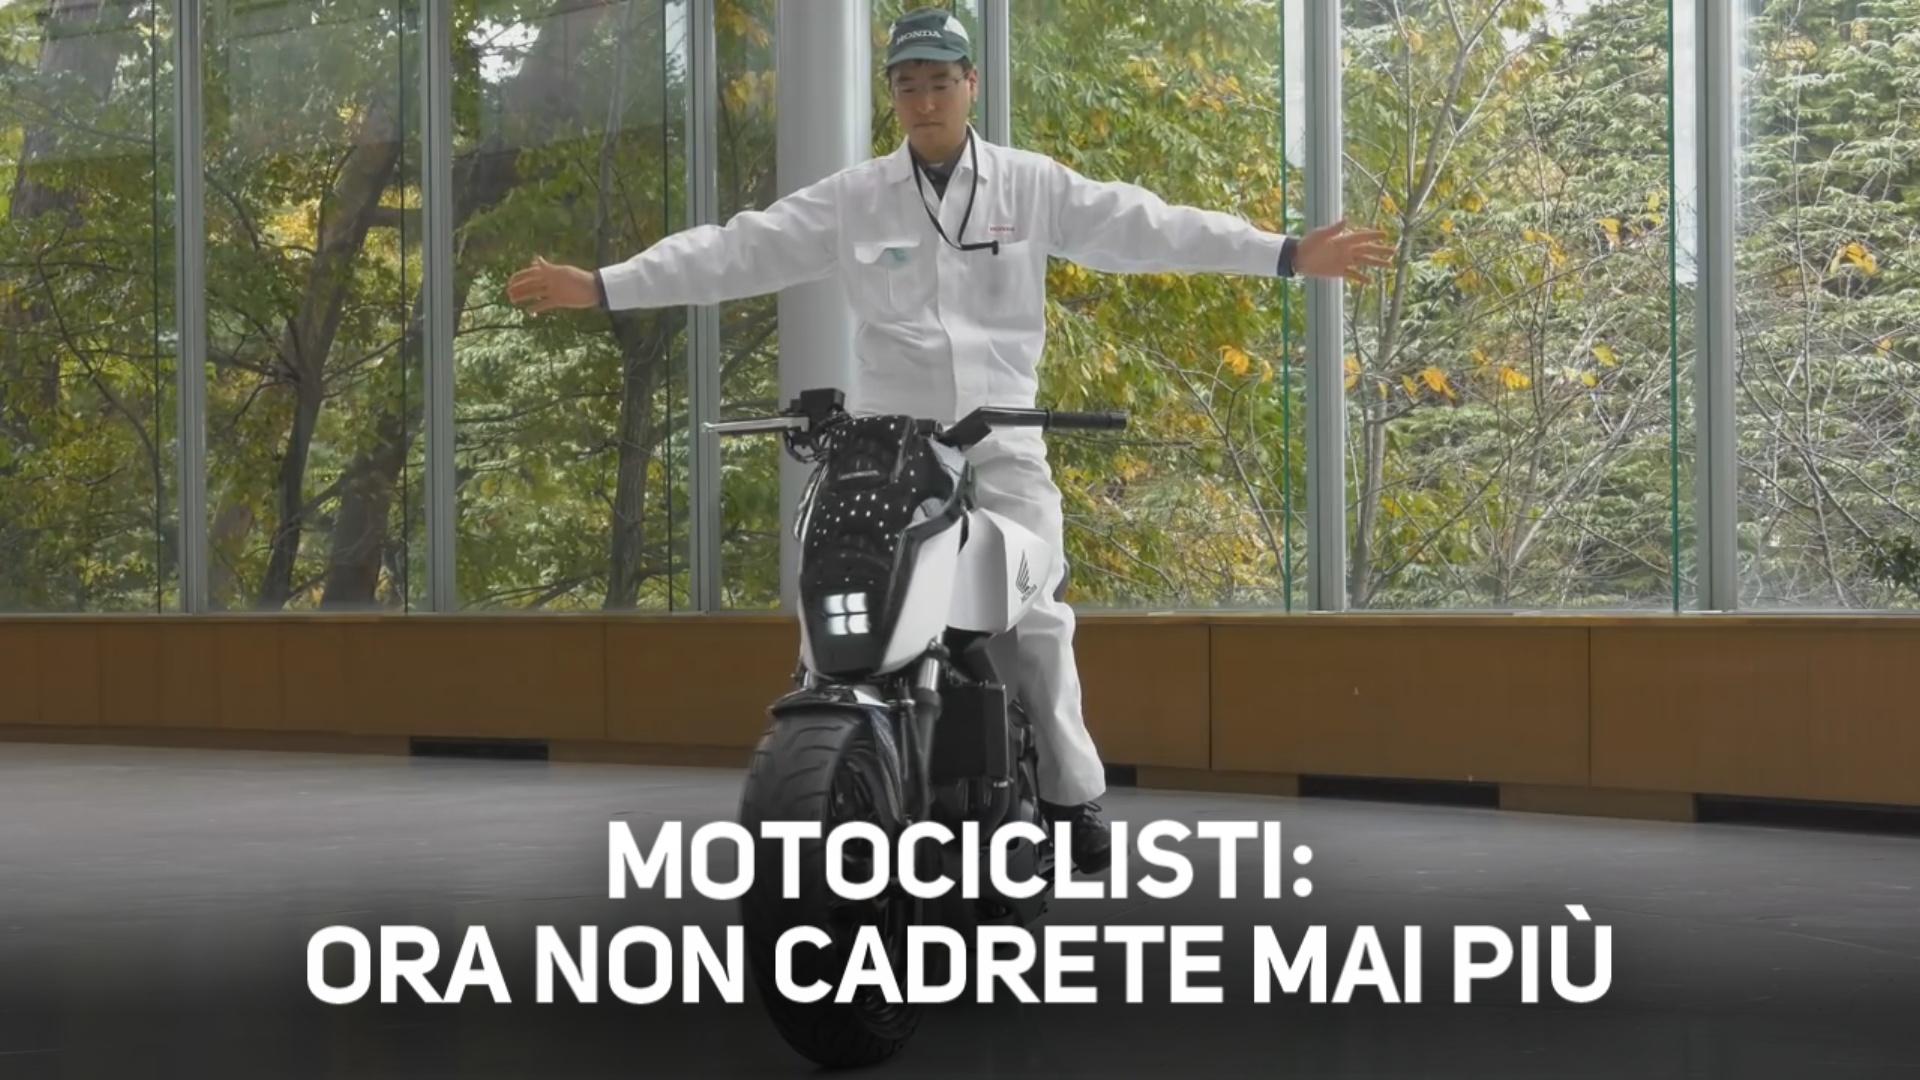 Svolta per gli imbranati: la moto sta in piedi da sola